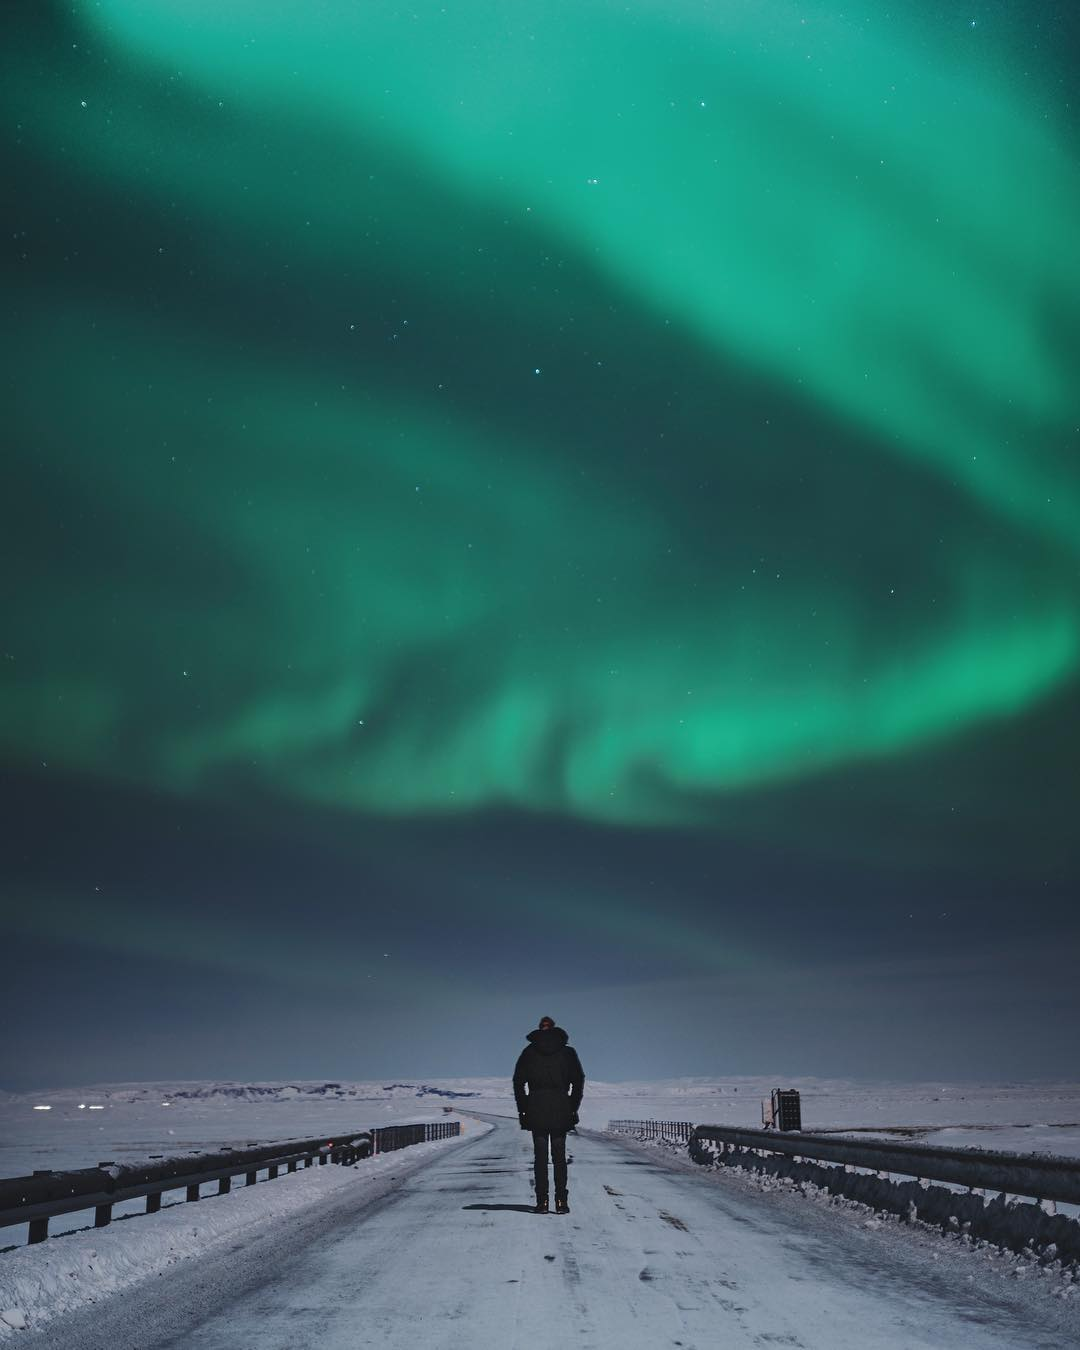 Природа и путешествия на снимках Стивена Вайсбаха